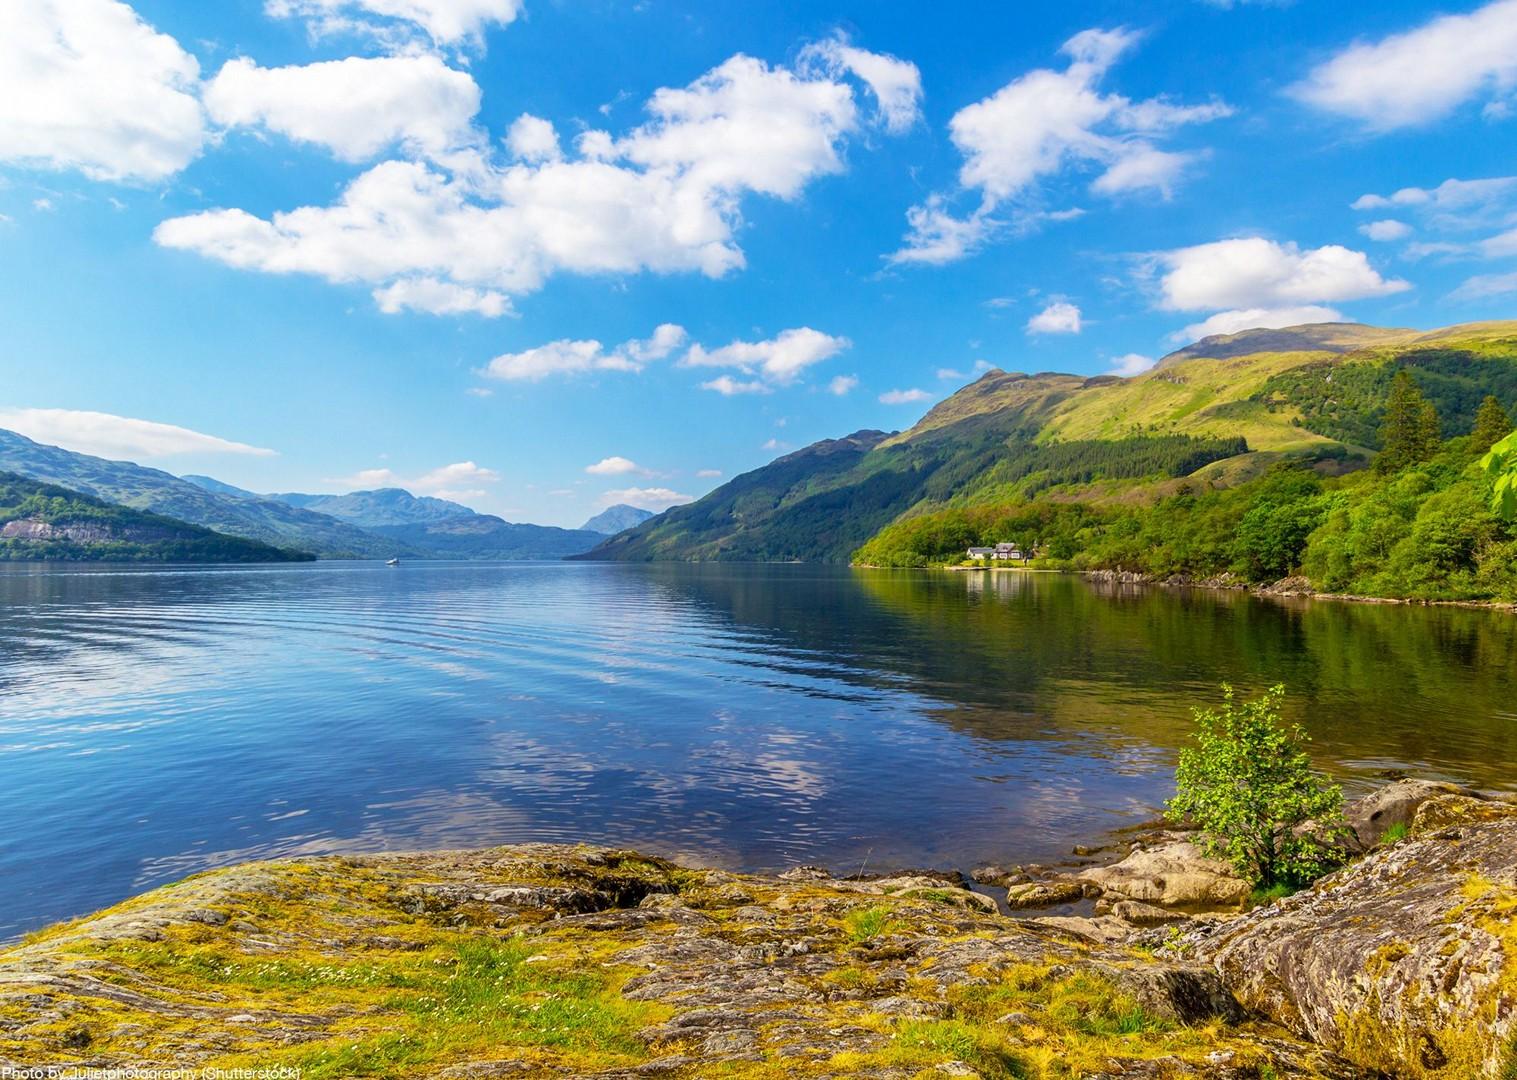 loch-lomond-scotland-uk-cycling-holiday-fun-lake.jpg - UK - Scotland - Lochs and Glens - Leisure Cycling